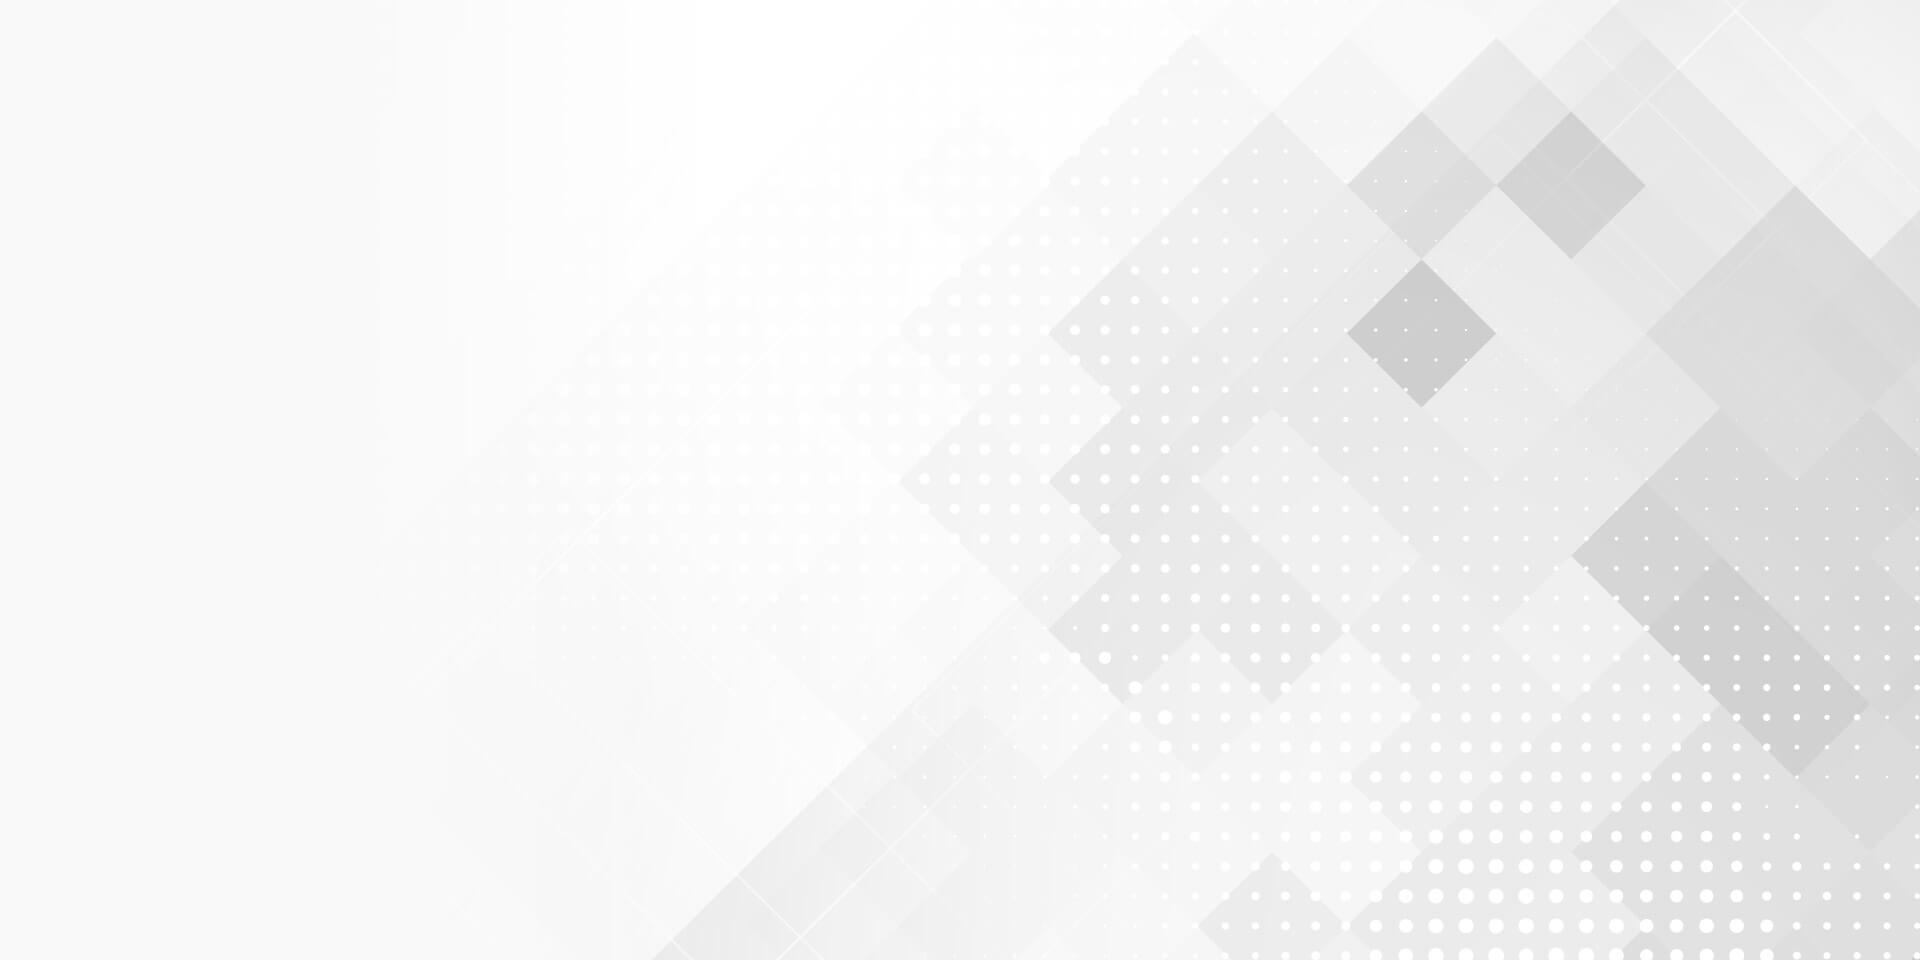 Účtovníctvo Prešov - podvojné a jednoduché účtovníctvo, mzdy, dane